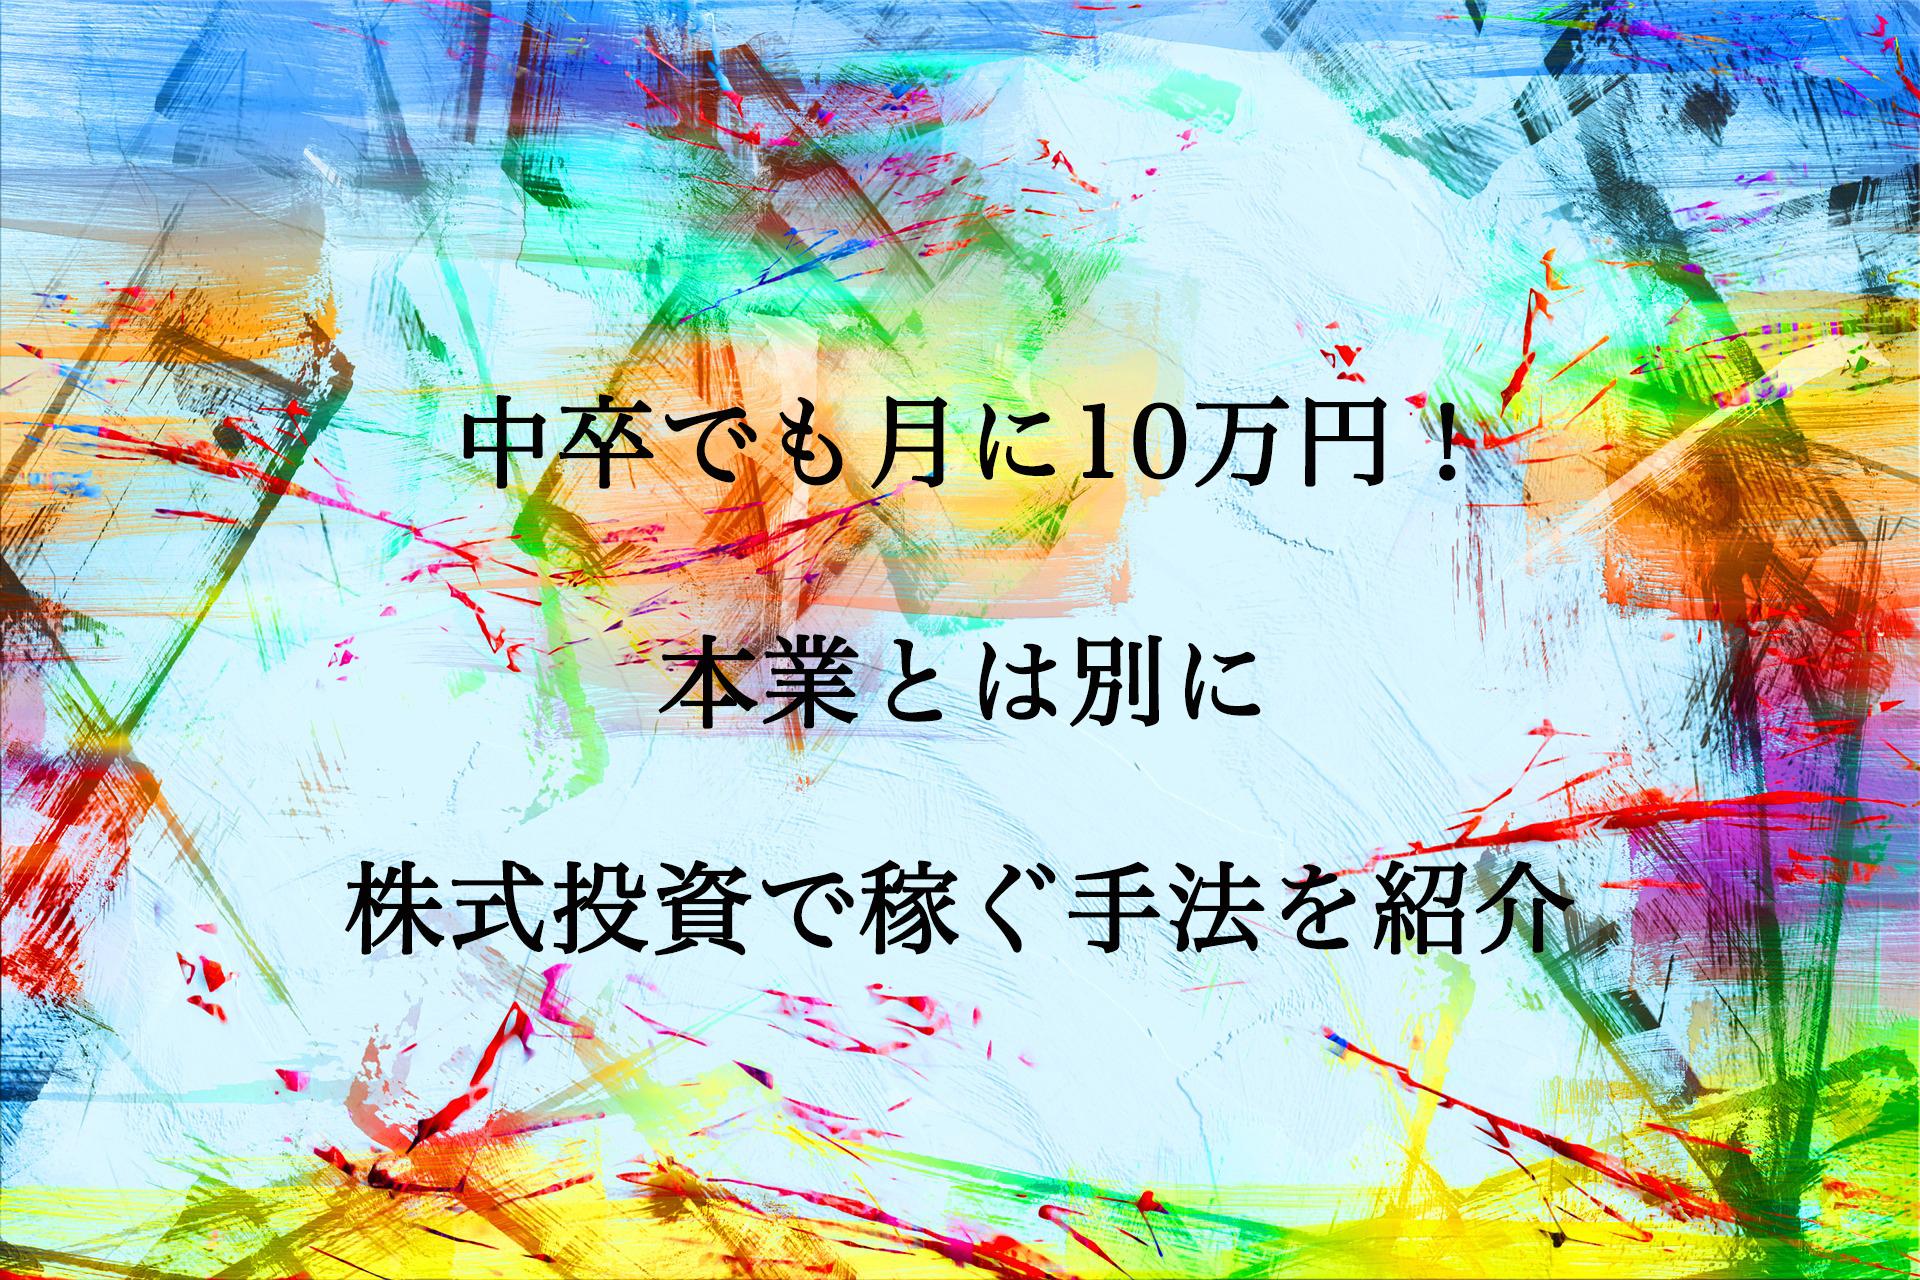 中卒でも月に10万円稼げる!本業とは別に株式投資で稼ぐ手法を紹介。